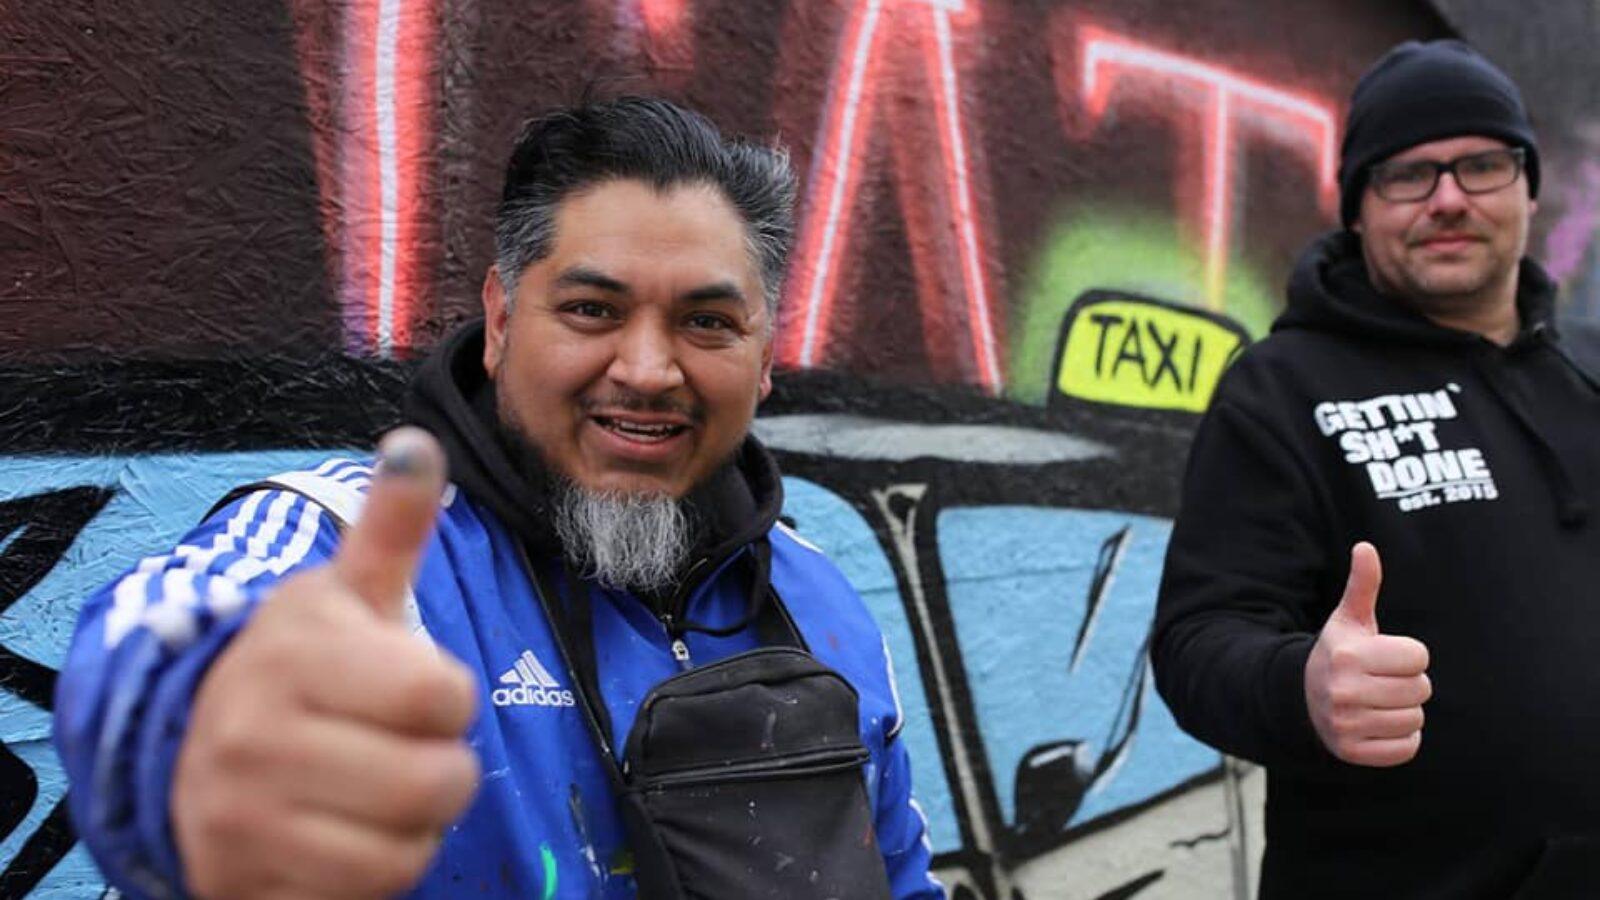 Ray De La Cruz: Solidarität mit Taxi-Demo